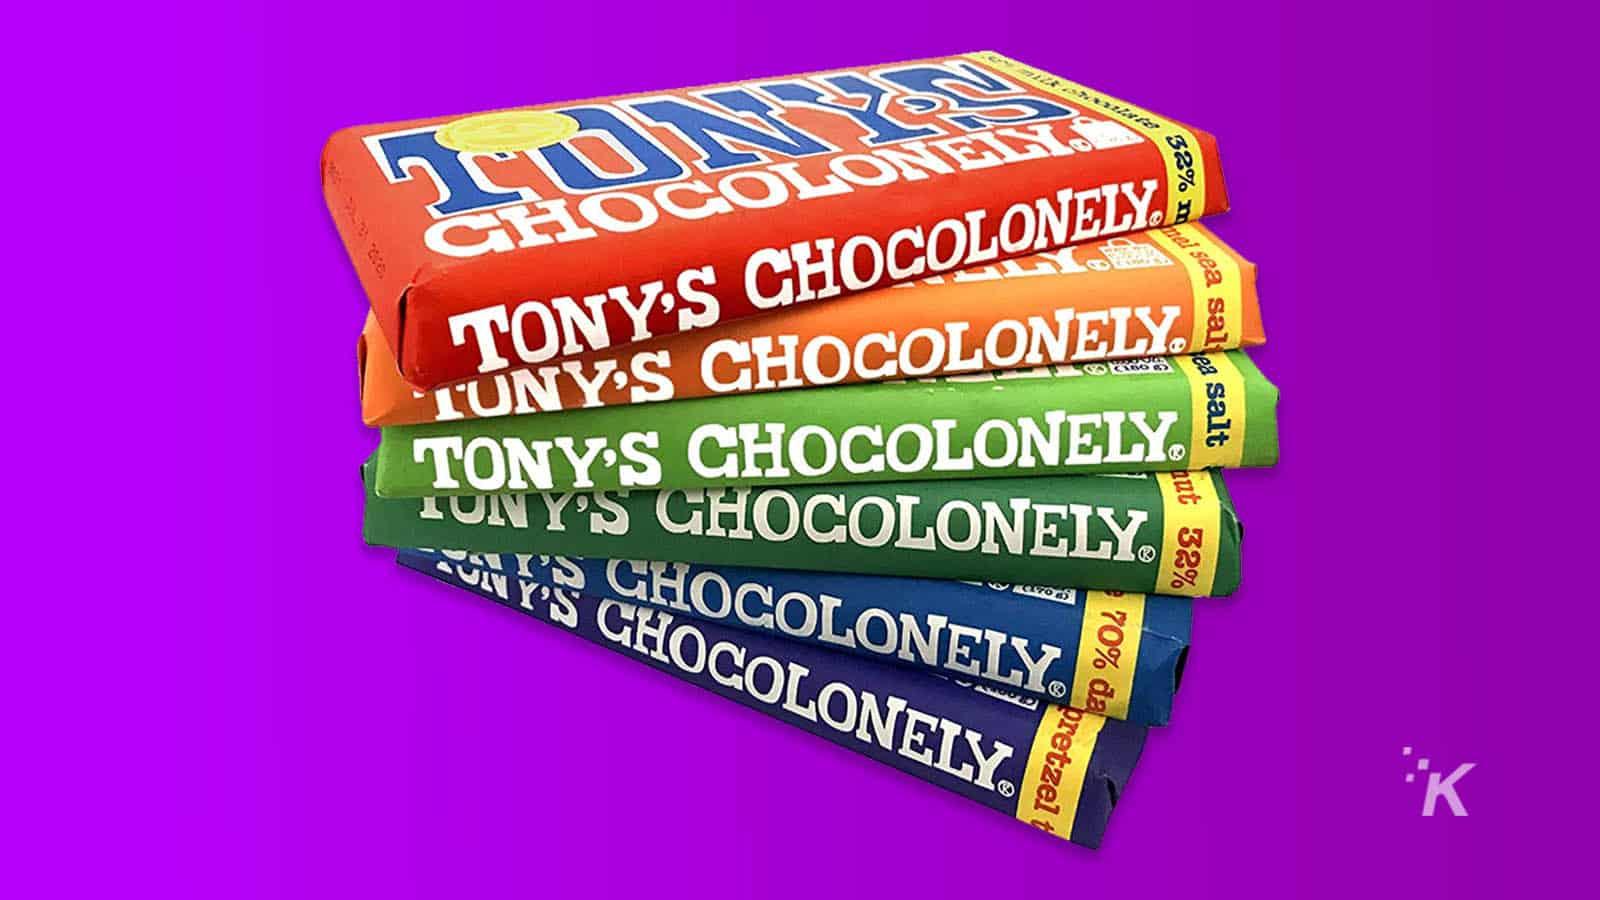 tonys chocolate bar